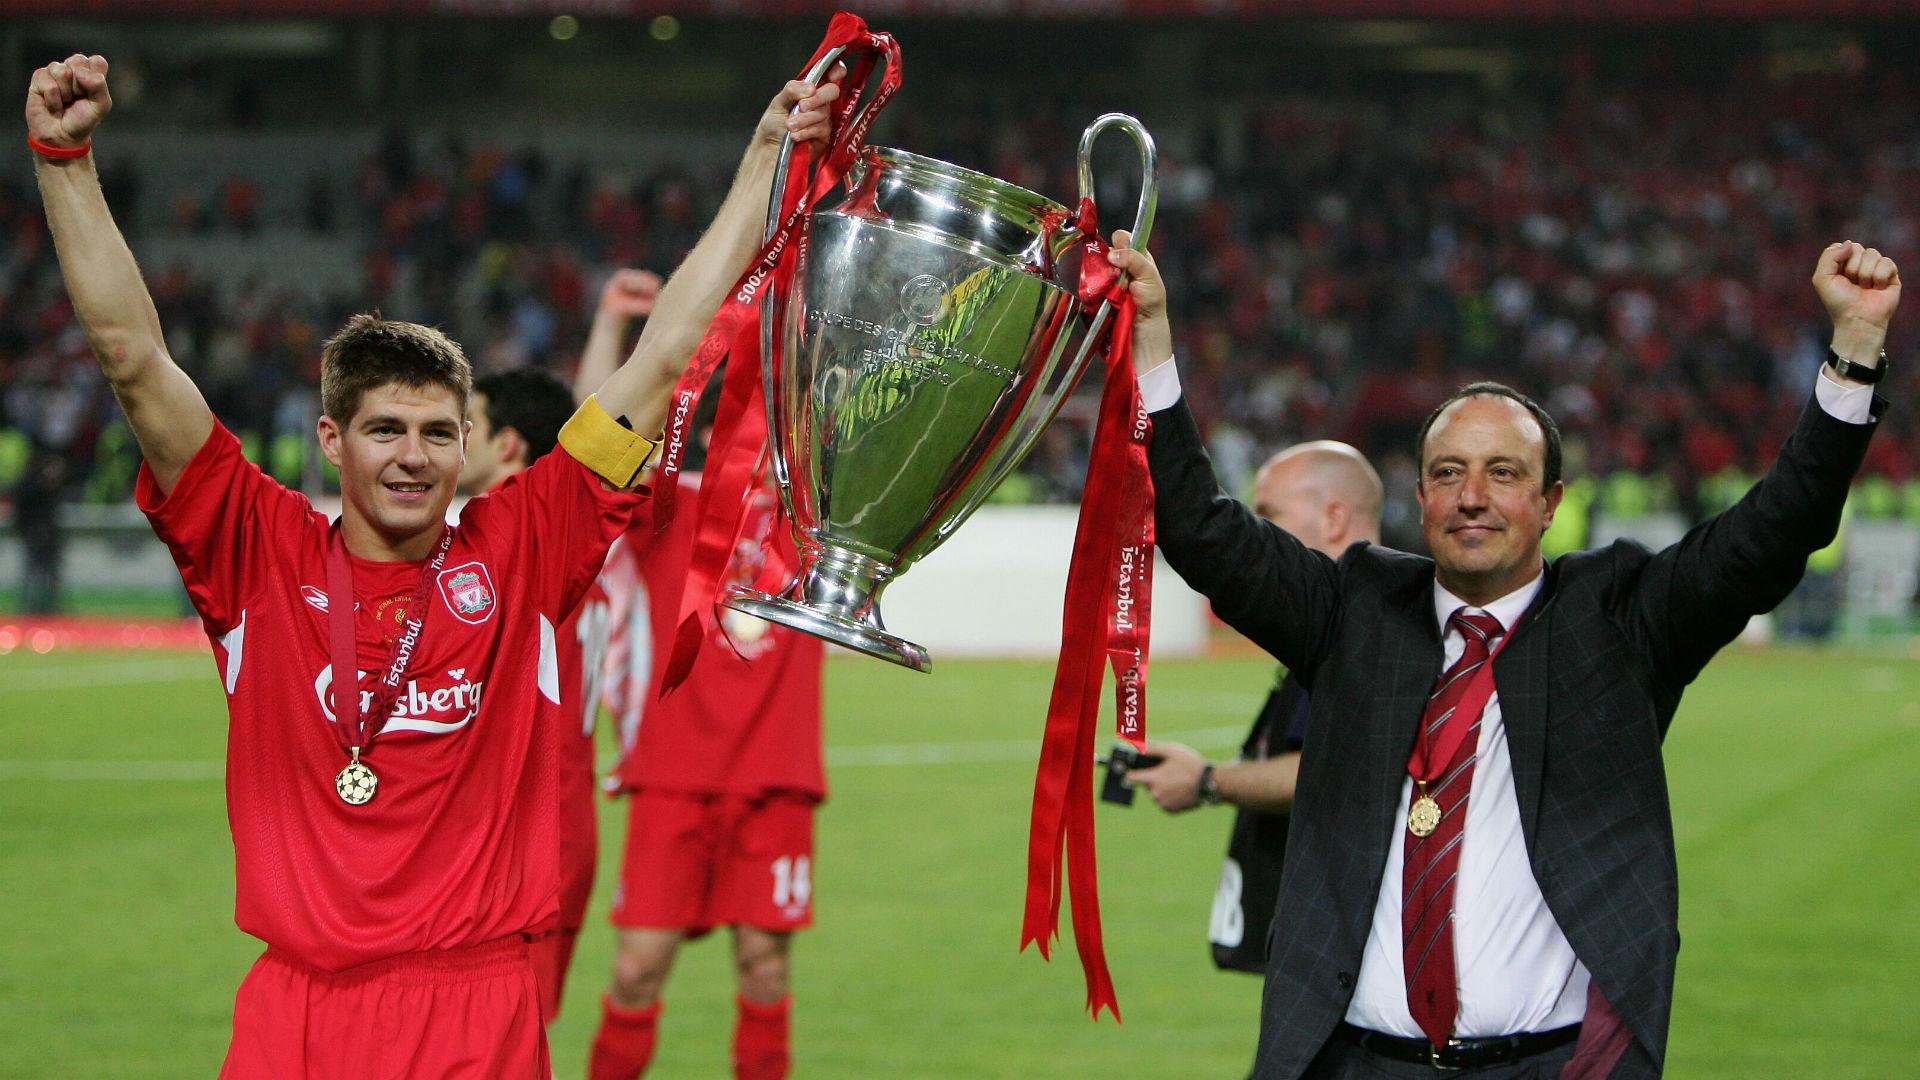 جيرارد بينيتيز دوري أبطال أوروبا 2005